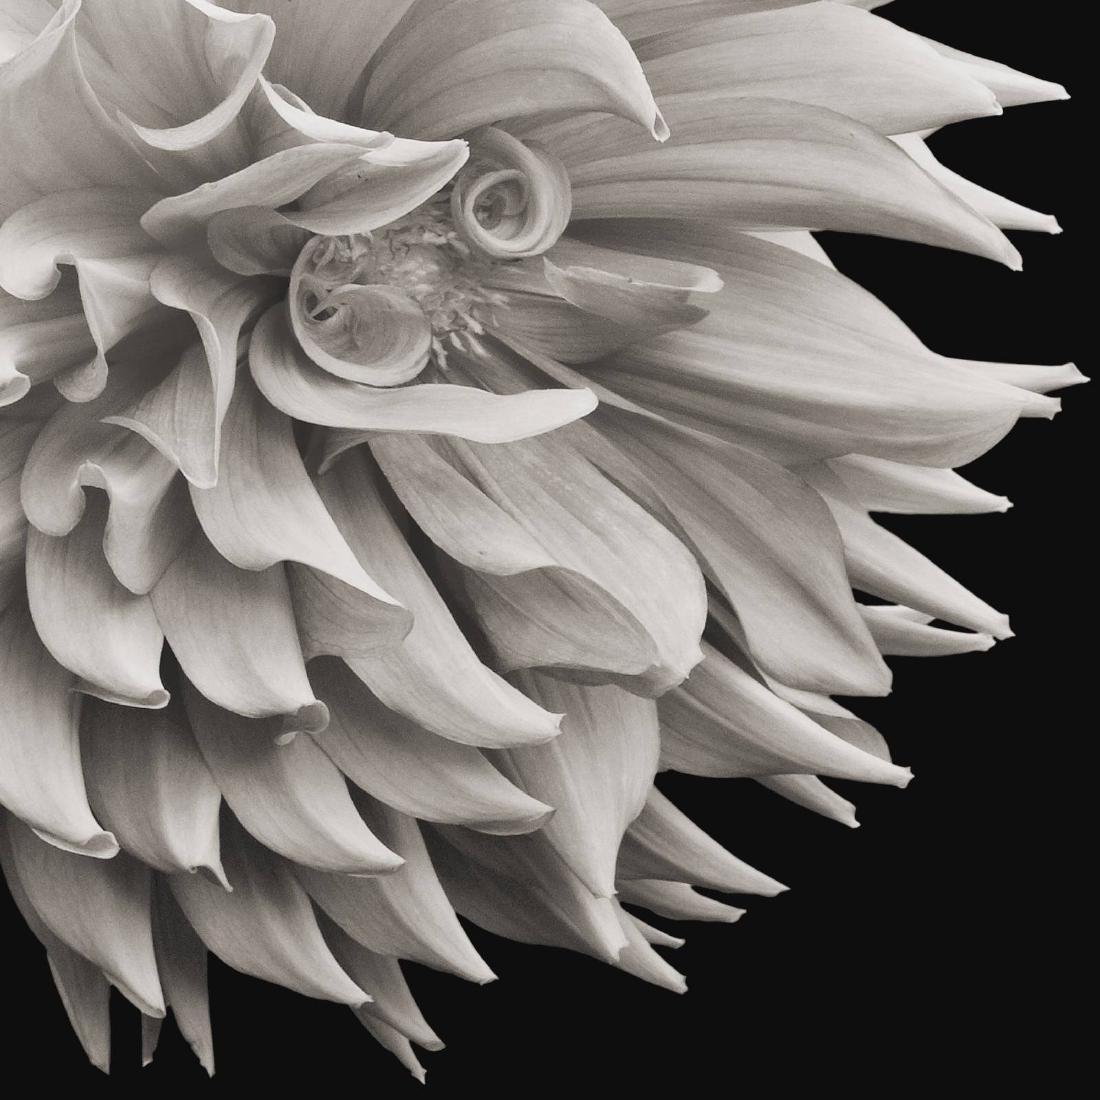 Russ Martin - Print - Floral Ecstasy #12 - 5